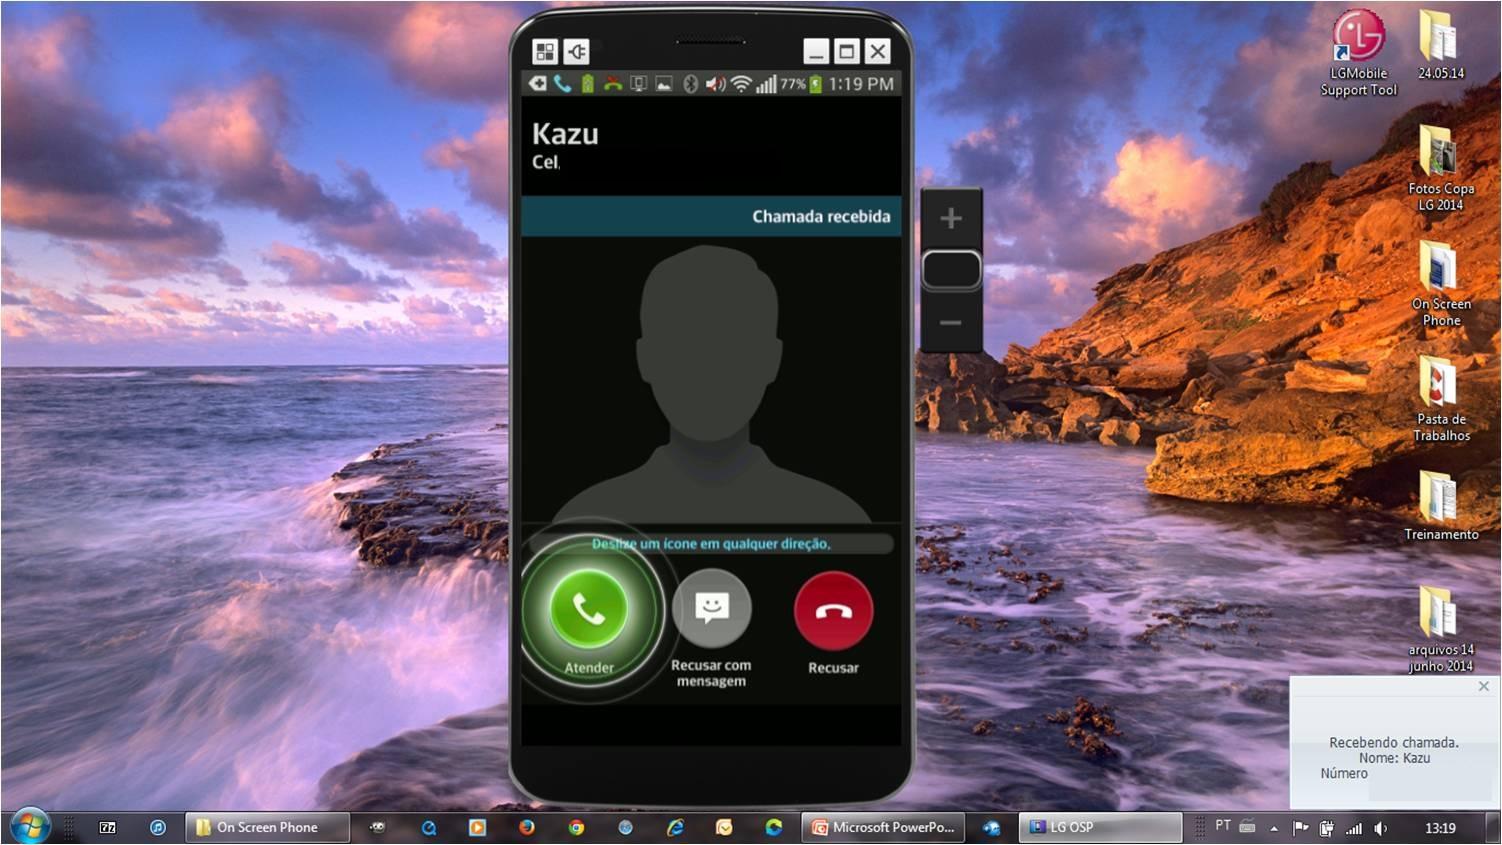 Quando a tela estiver desligada em descanso, ao receber uma chamada o visor ligará automaticamente e no canto inferior direito um Popup identifica a chamada.